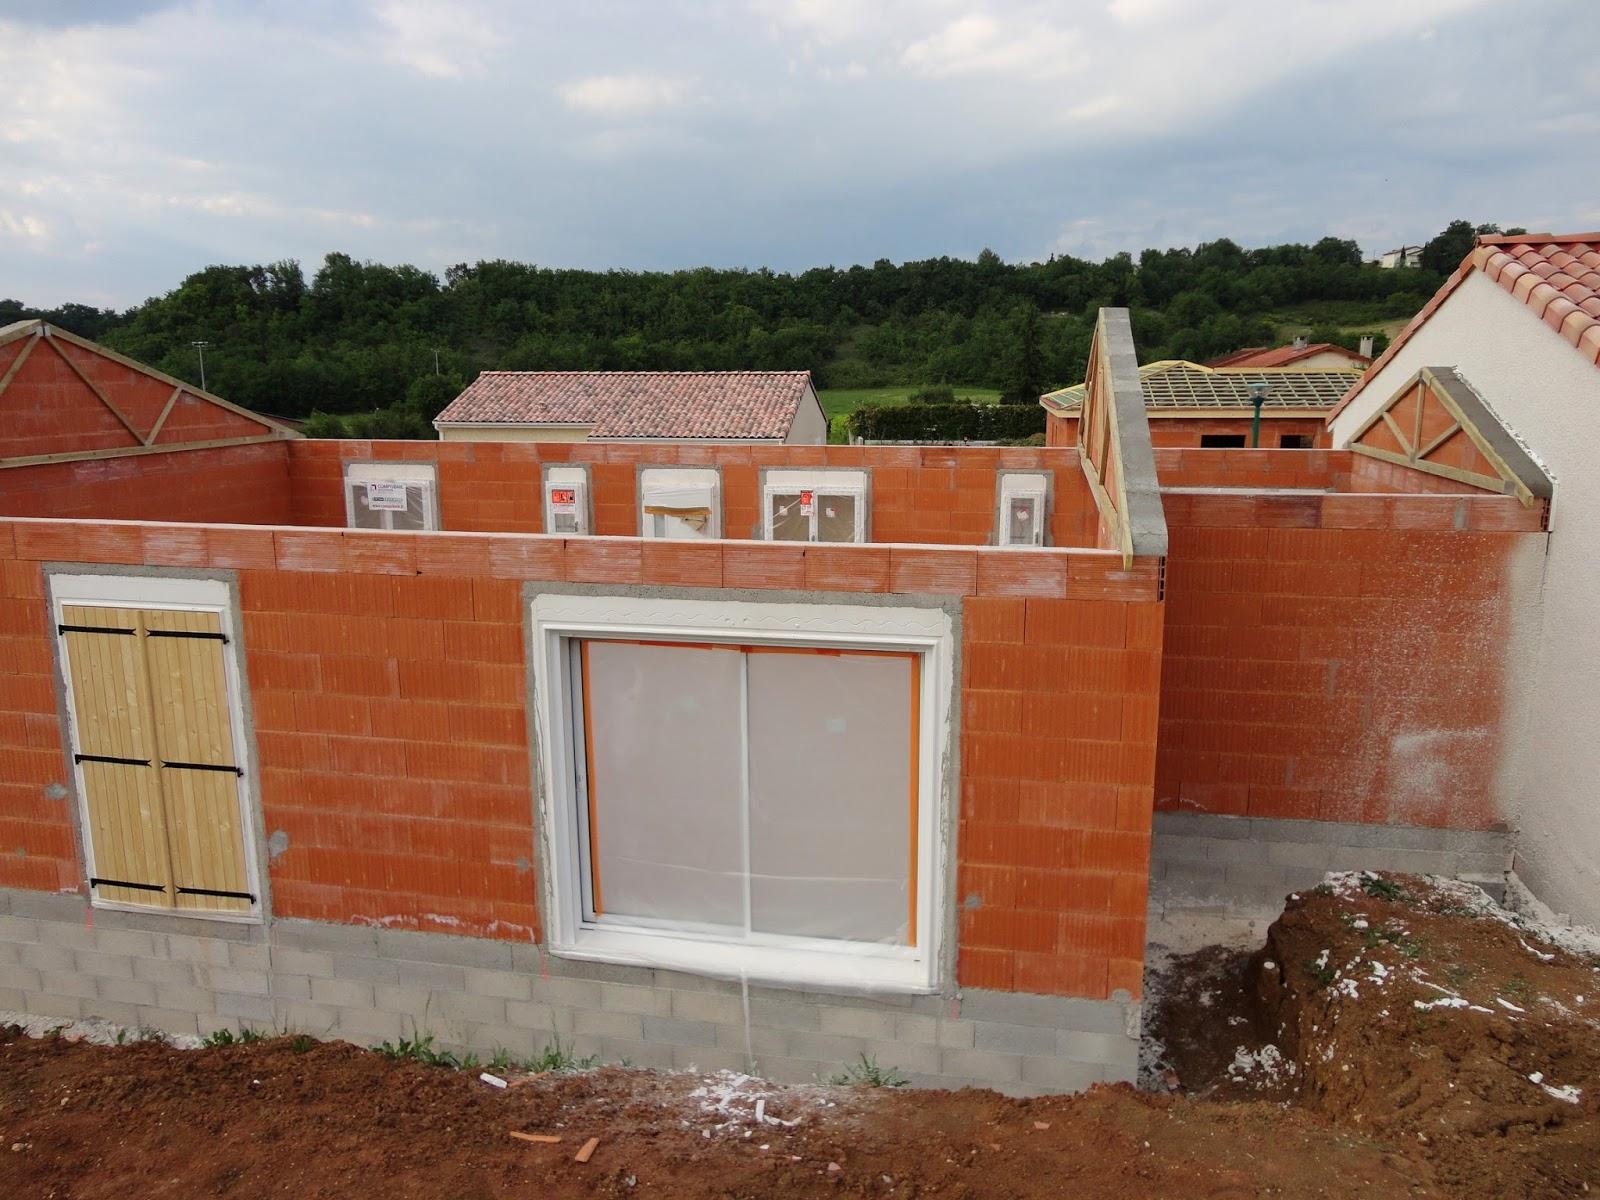 Les news du week end - Vide sanitaire construction ...